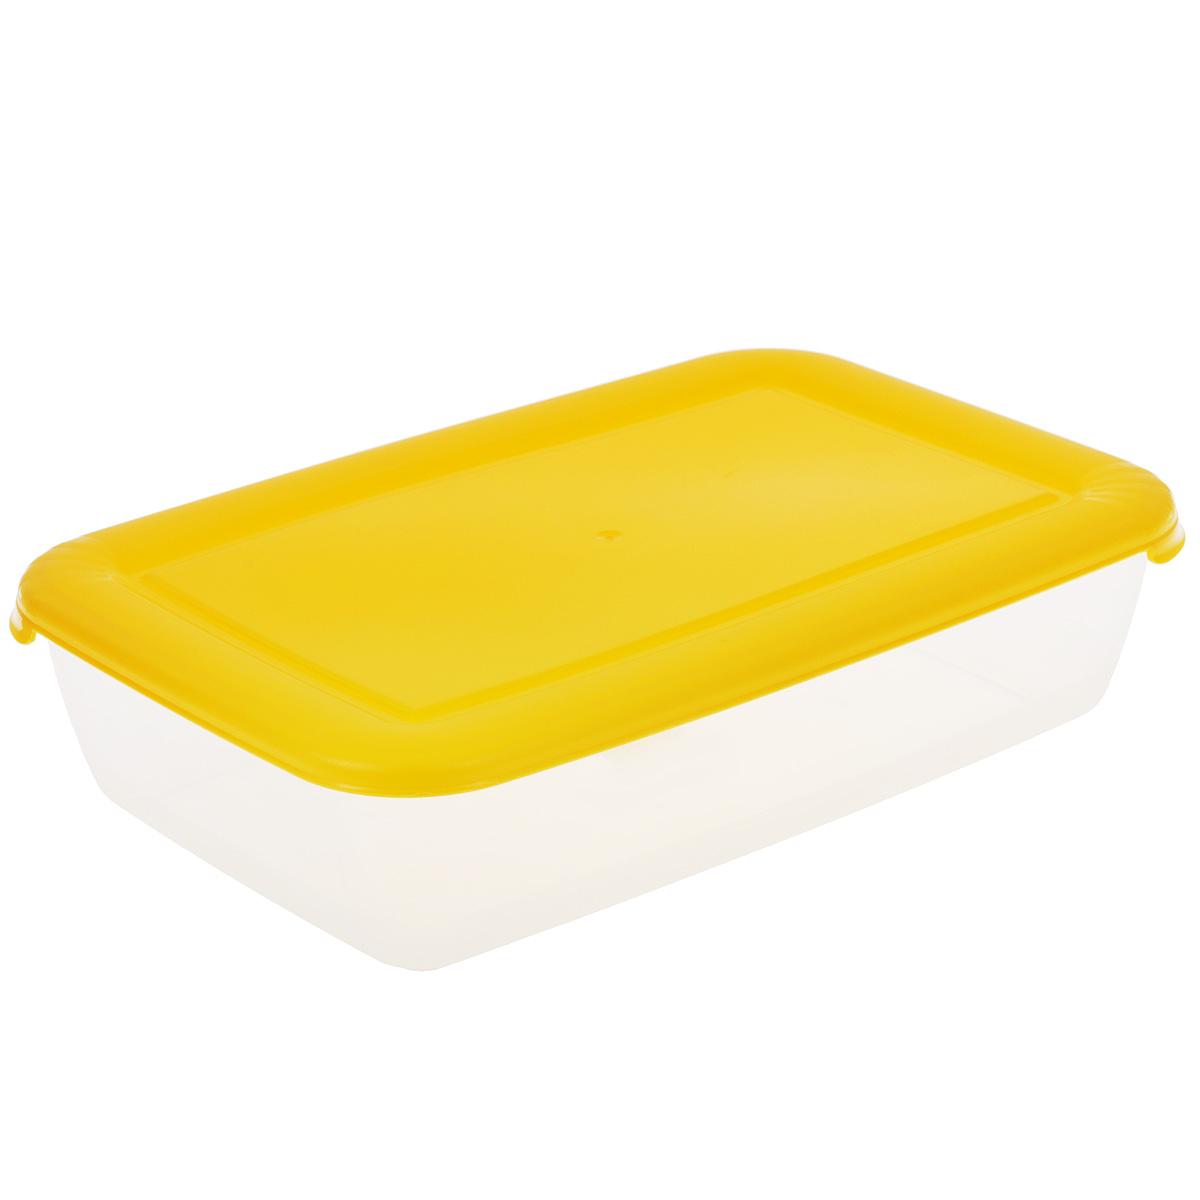 Контейнер Полимербыт Лайт, цвет: прозрачный, желтый, 1,9 лС553Контейнер Полимербыт Лайт прямоугольной формы, изготовленный из прочного пластика, предназначен специально для хранения пищевых продуктов. Крышка легко открывается и плотно закрывается.Контейнер устойчив к воздействию масел и жиров, легко моется. Прозрачные стенки позволяют видеть содержимое. Контейнер имеет возможность хранения продуктов глубокой заморозки, обладает высокой прочностью. Можно мыть в посудомоечной машине. Подходит для использования в микроволновых печах.